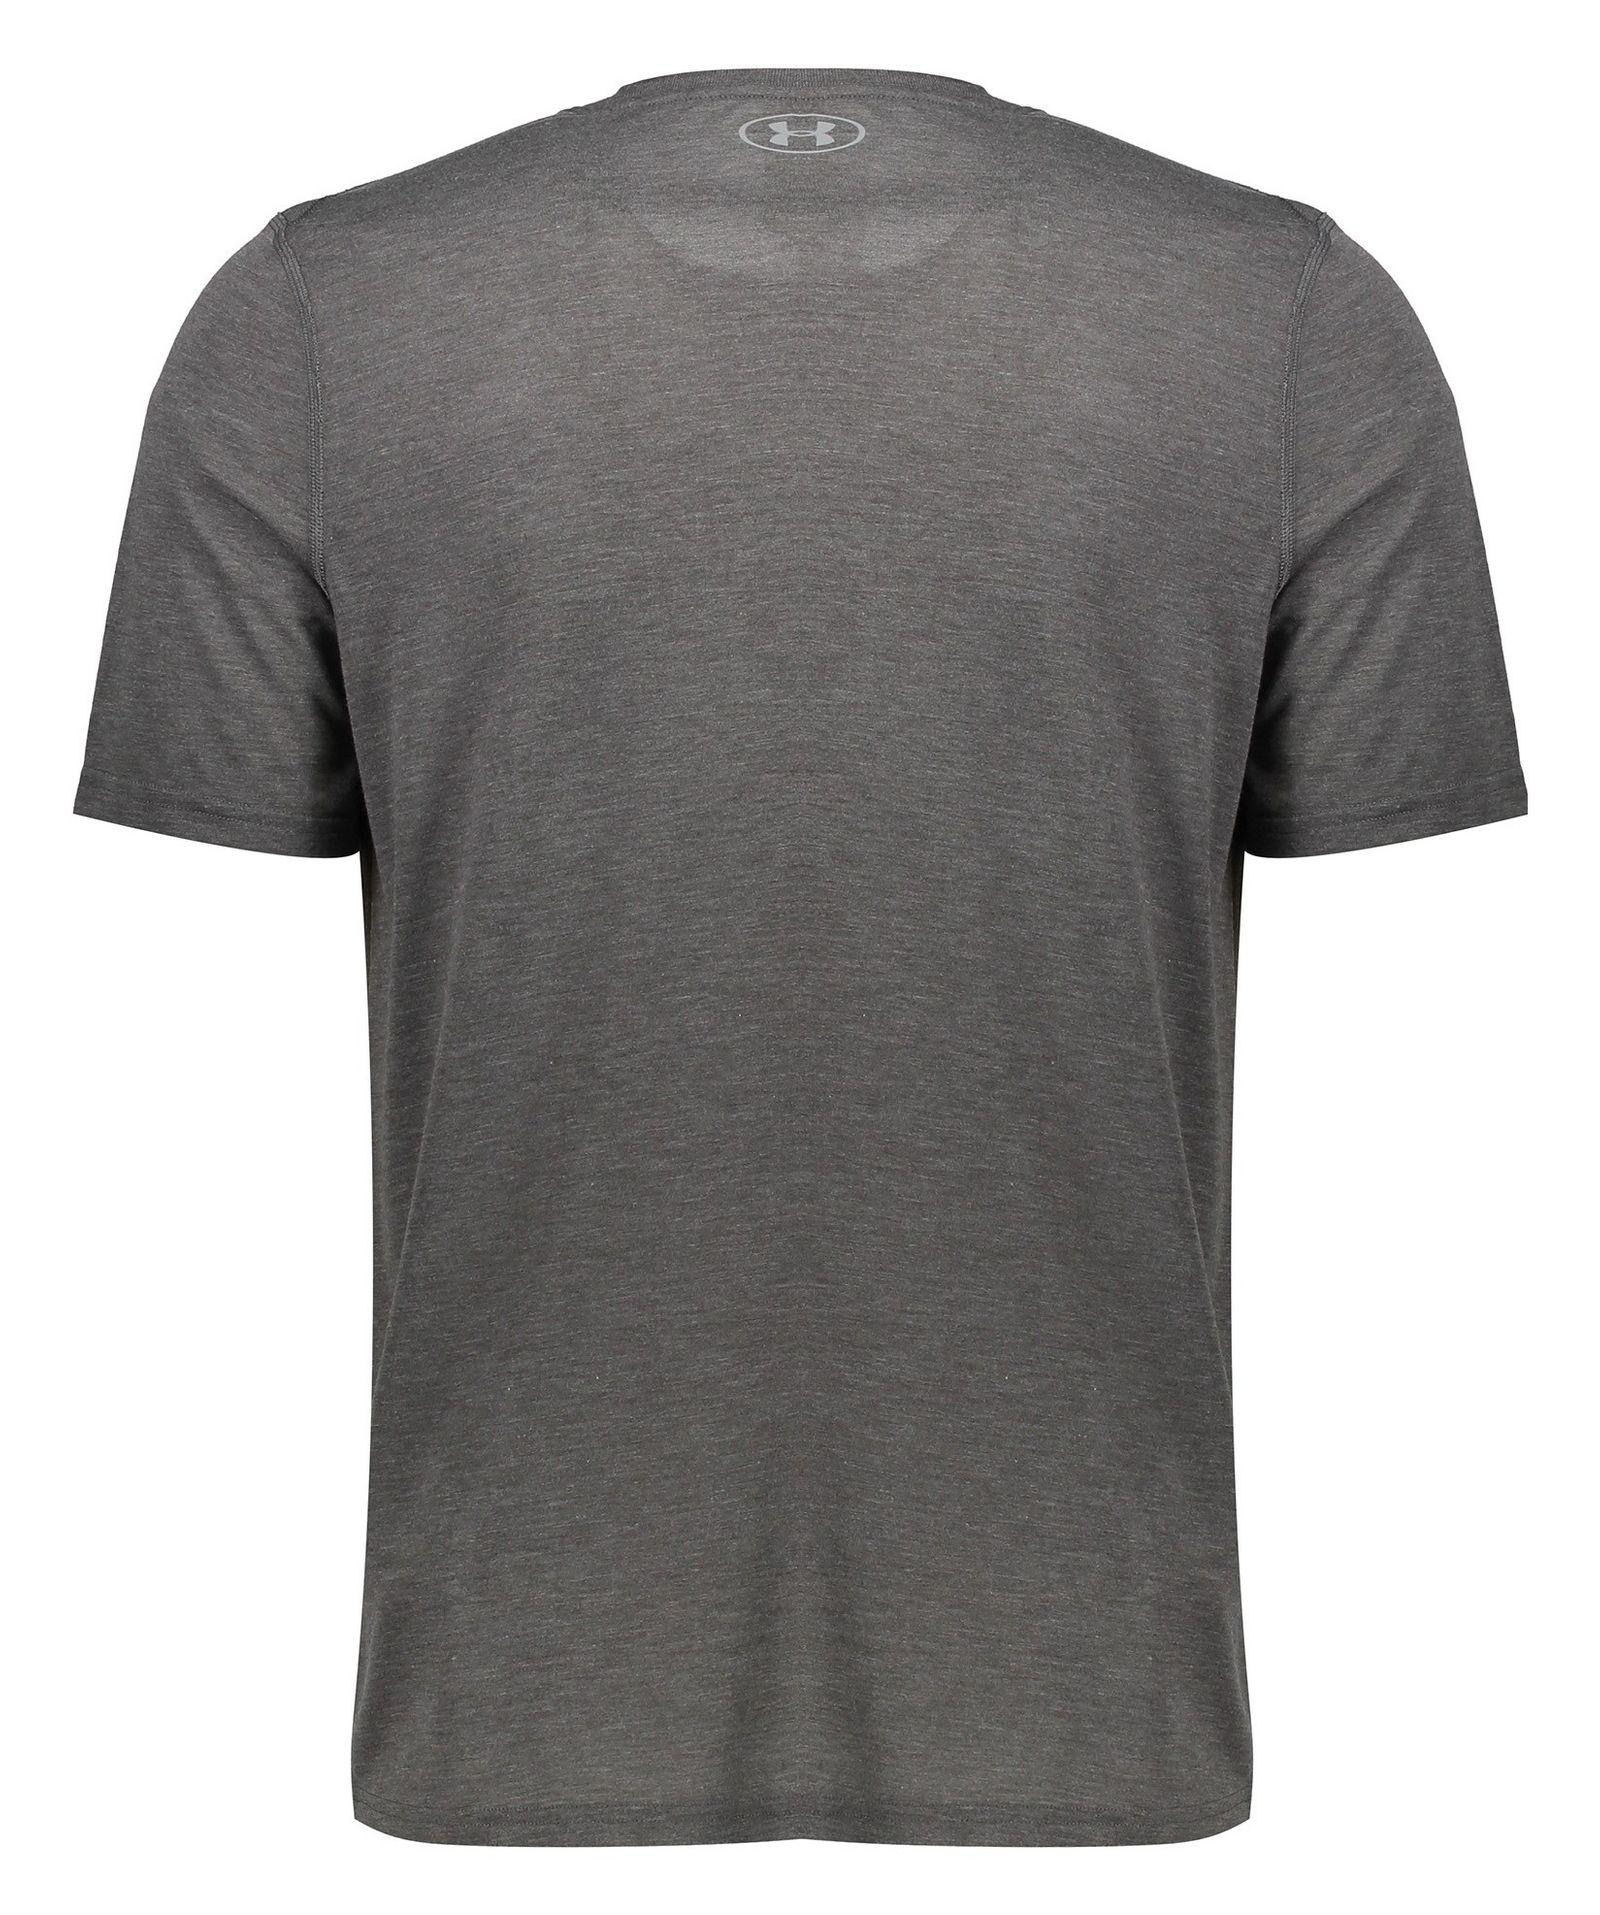 تی شرت ورزشی یقه گرد مردانه - آندر آرمور - طوسي تيره - 2